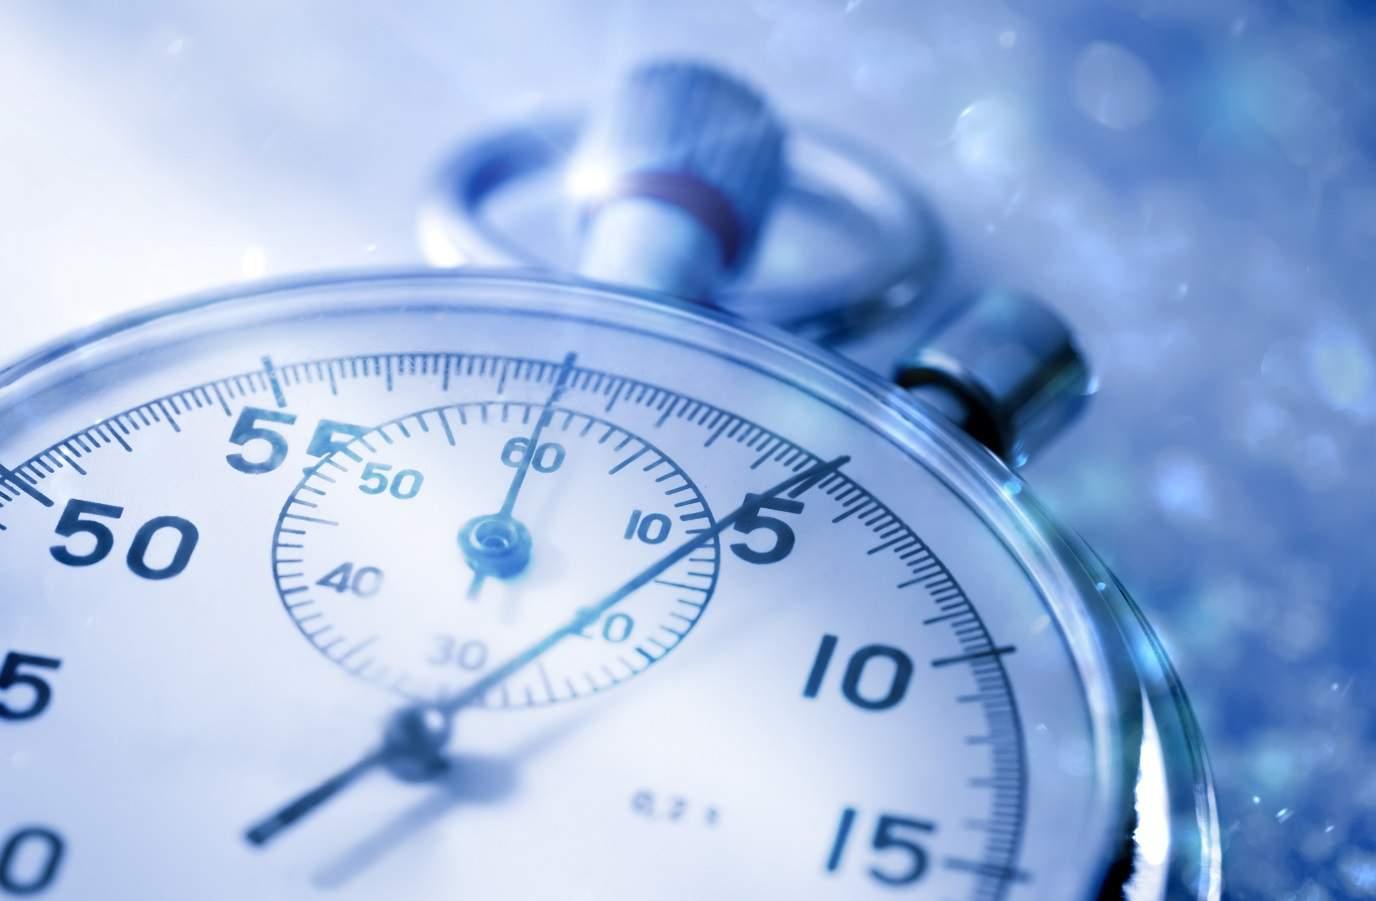 timing_image